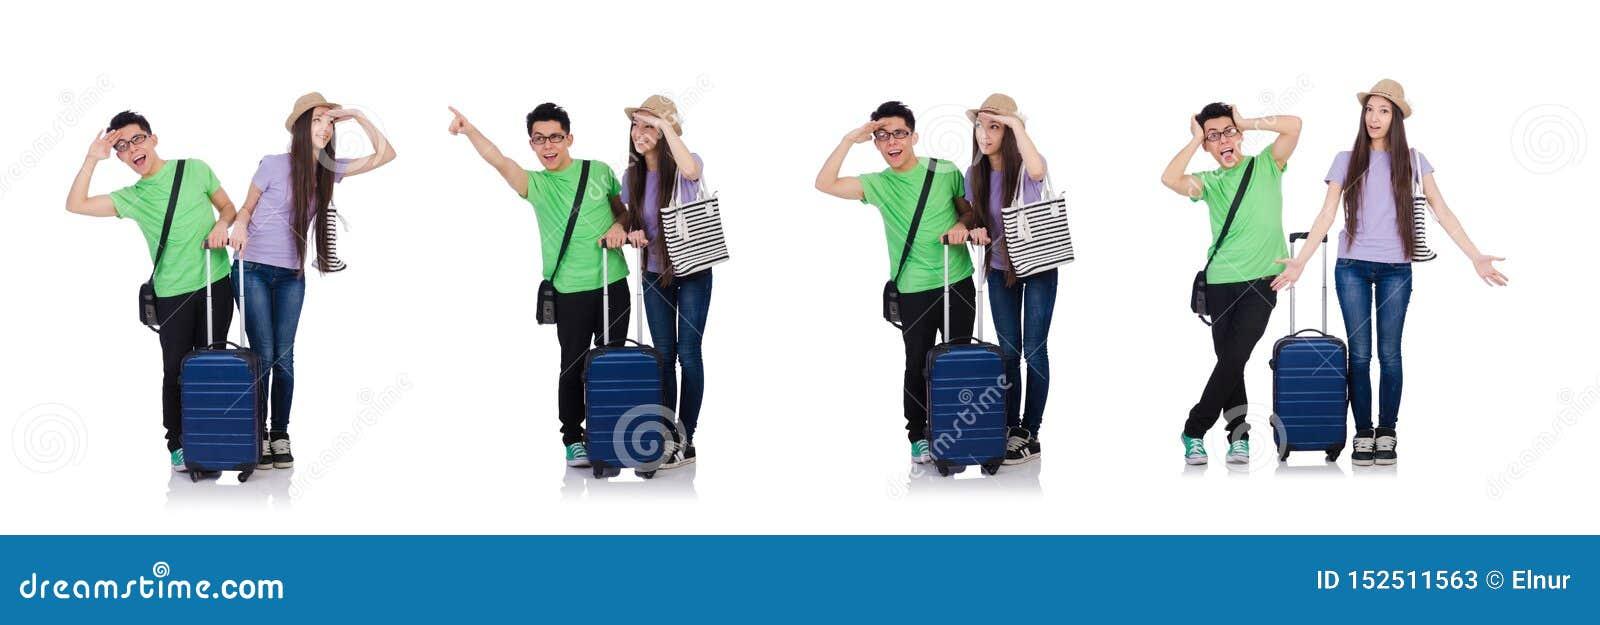 Ragazza e ragazzo con la valigia isolata su bianco